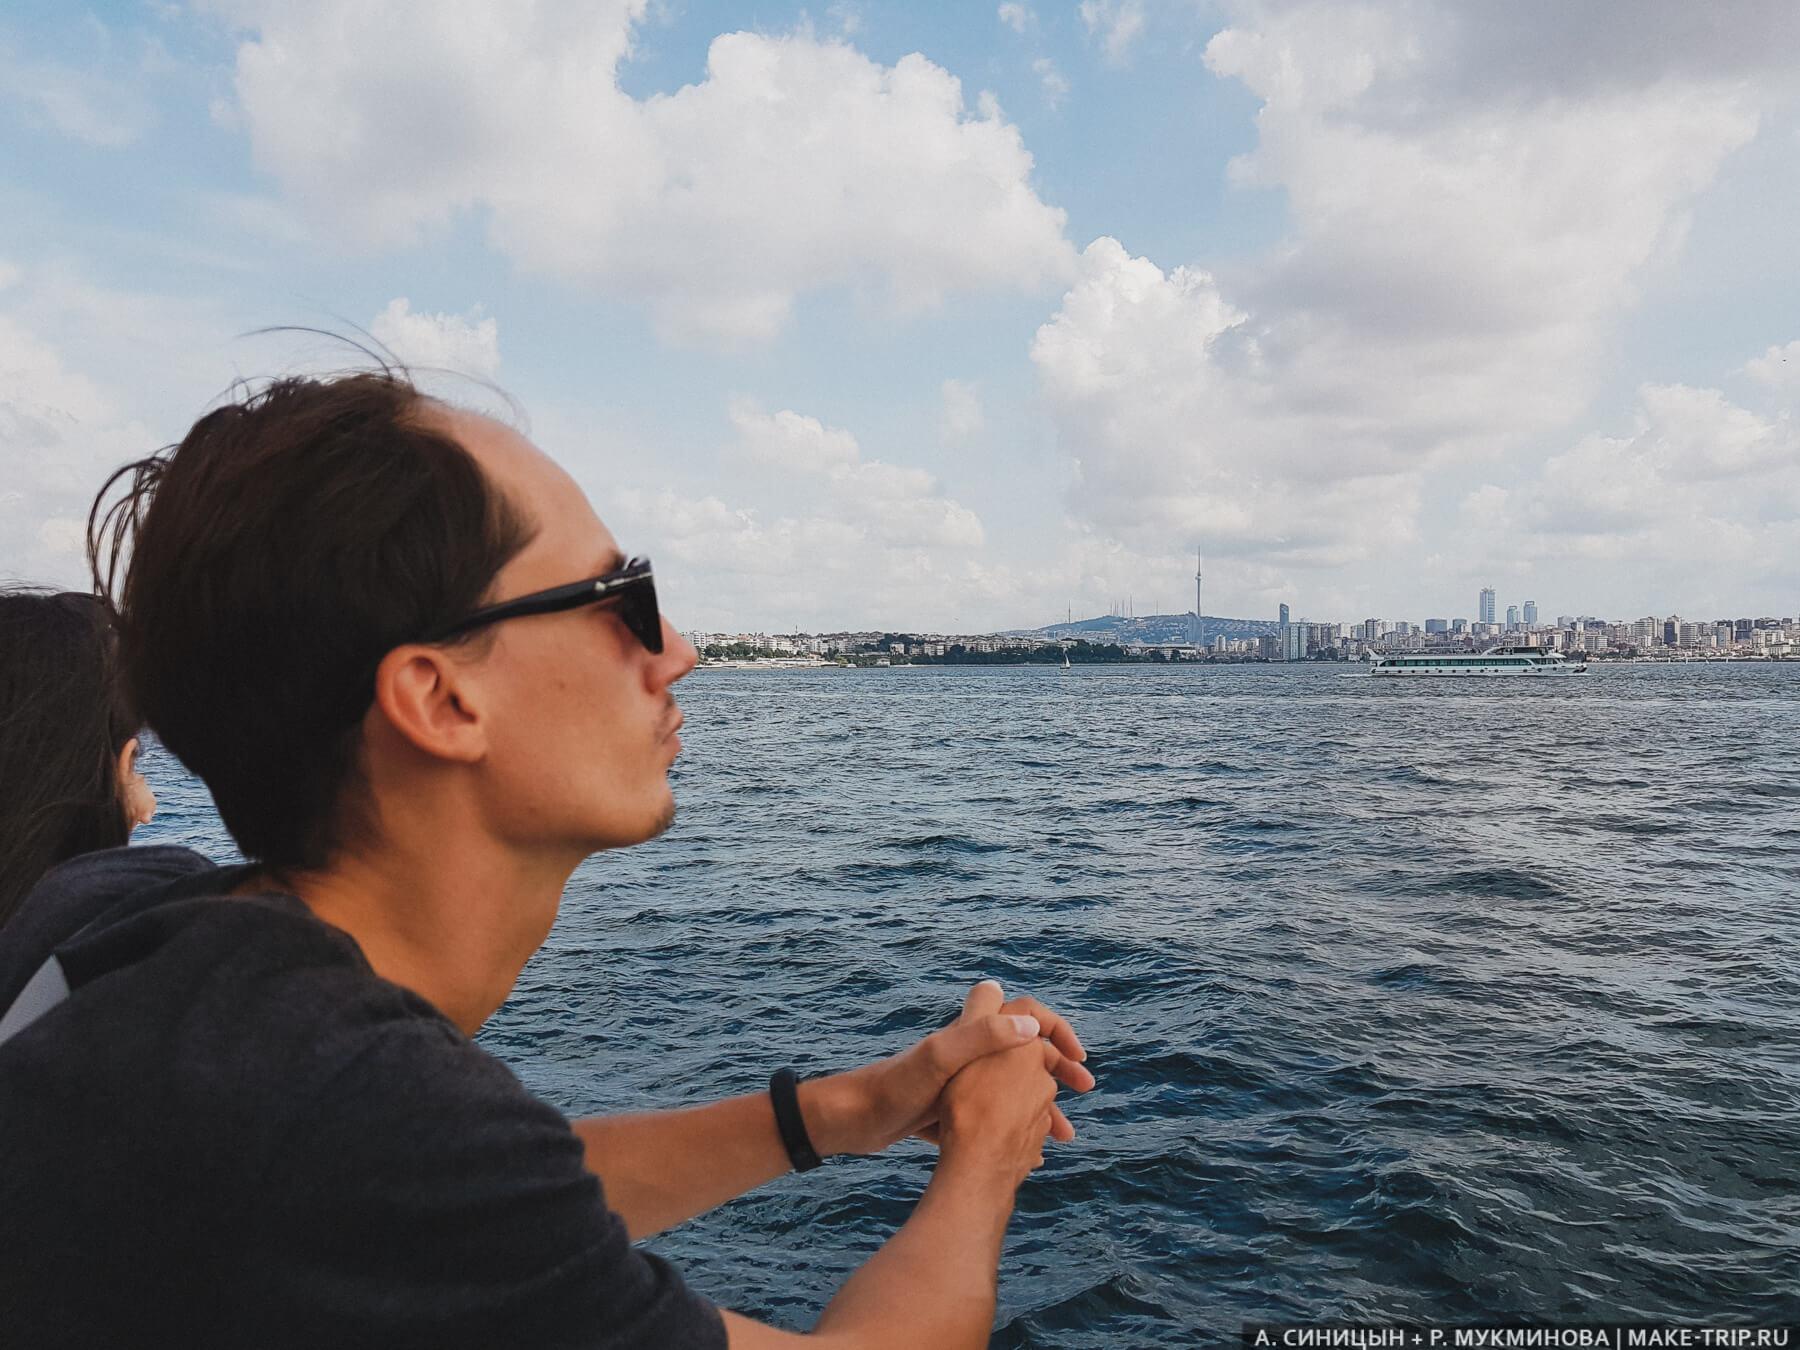 Сколько стоит съездить на Принцевы острова в Стамбуле